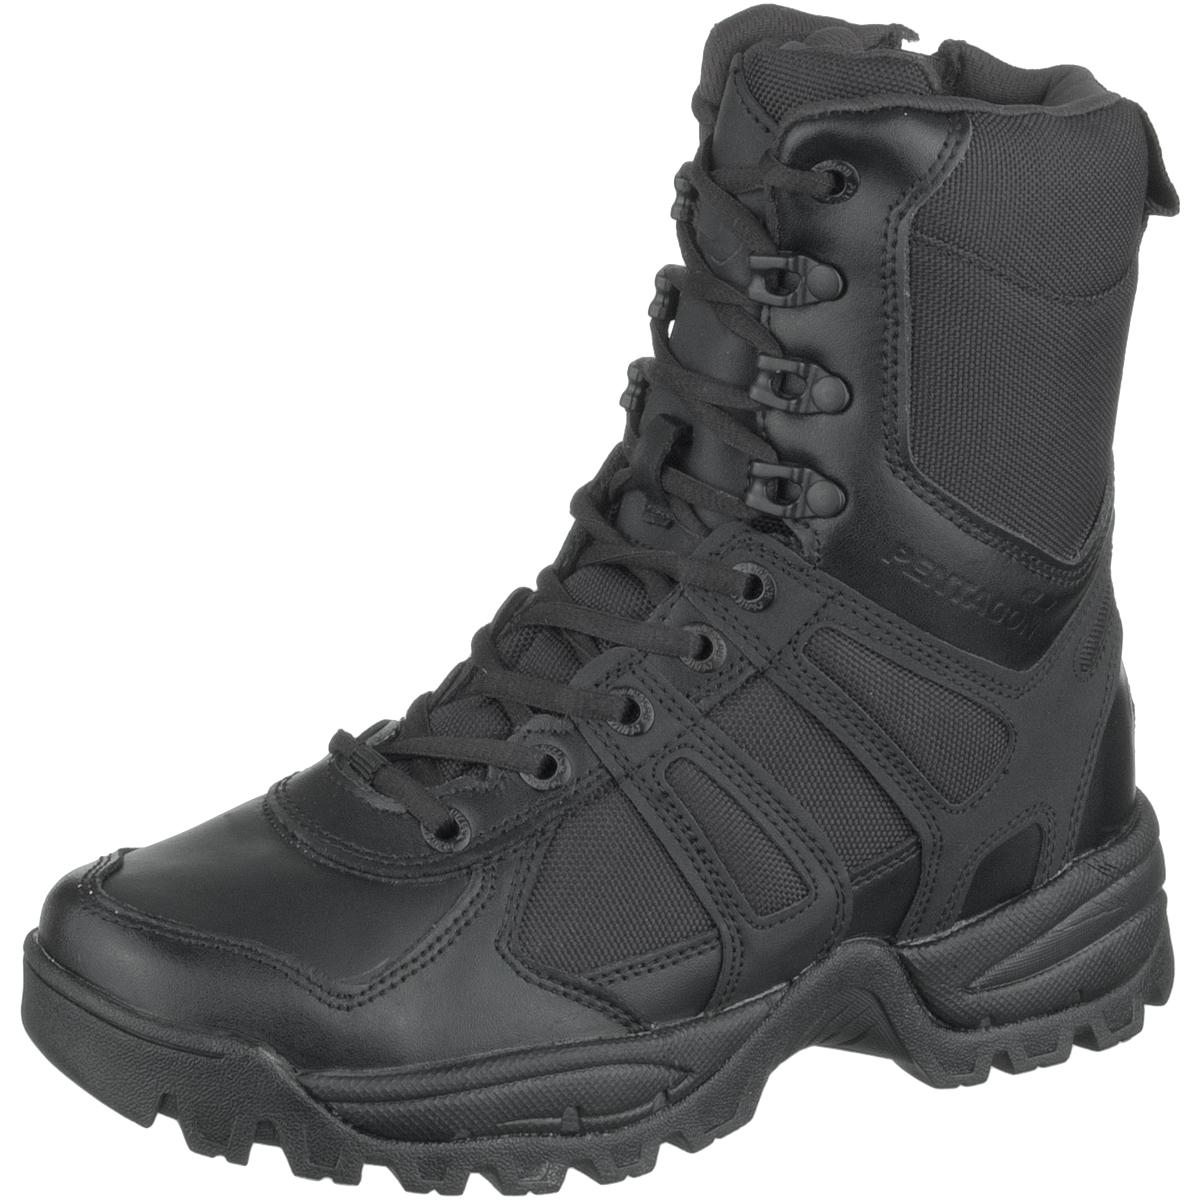 Pentagon Scorpion Side Zip Stiefel Schwarz Taktische Sicherheit Leder Schuhe Schwarz Stiefel cda56c